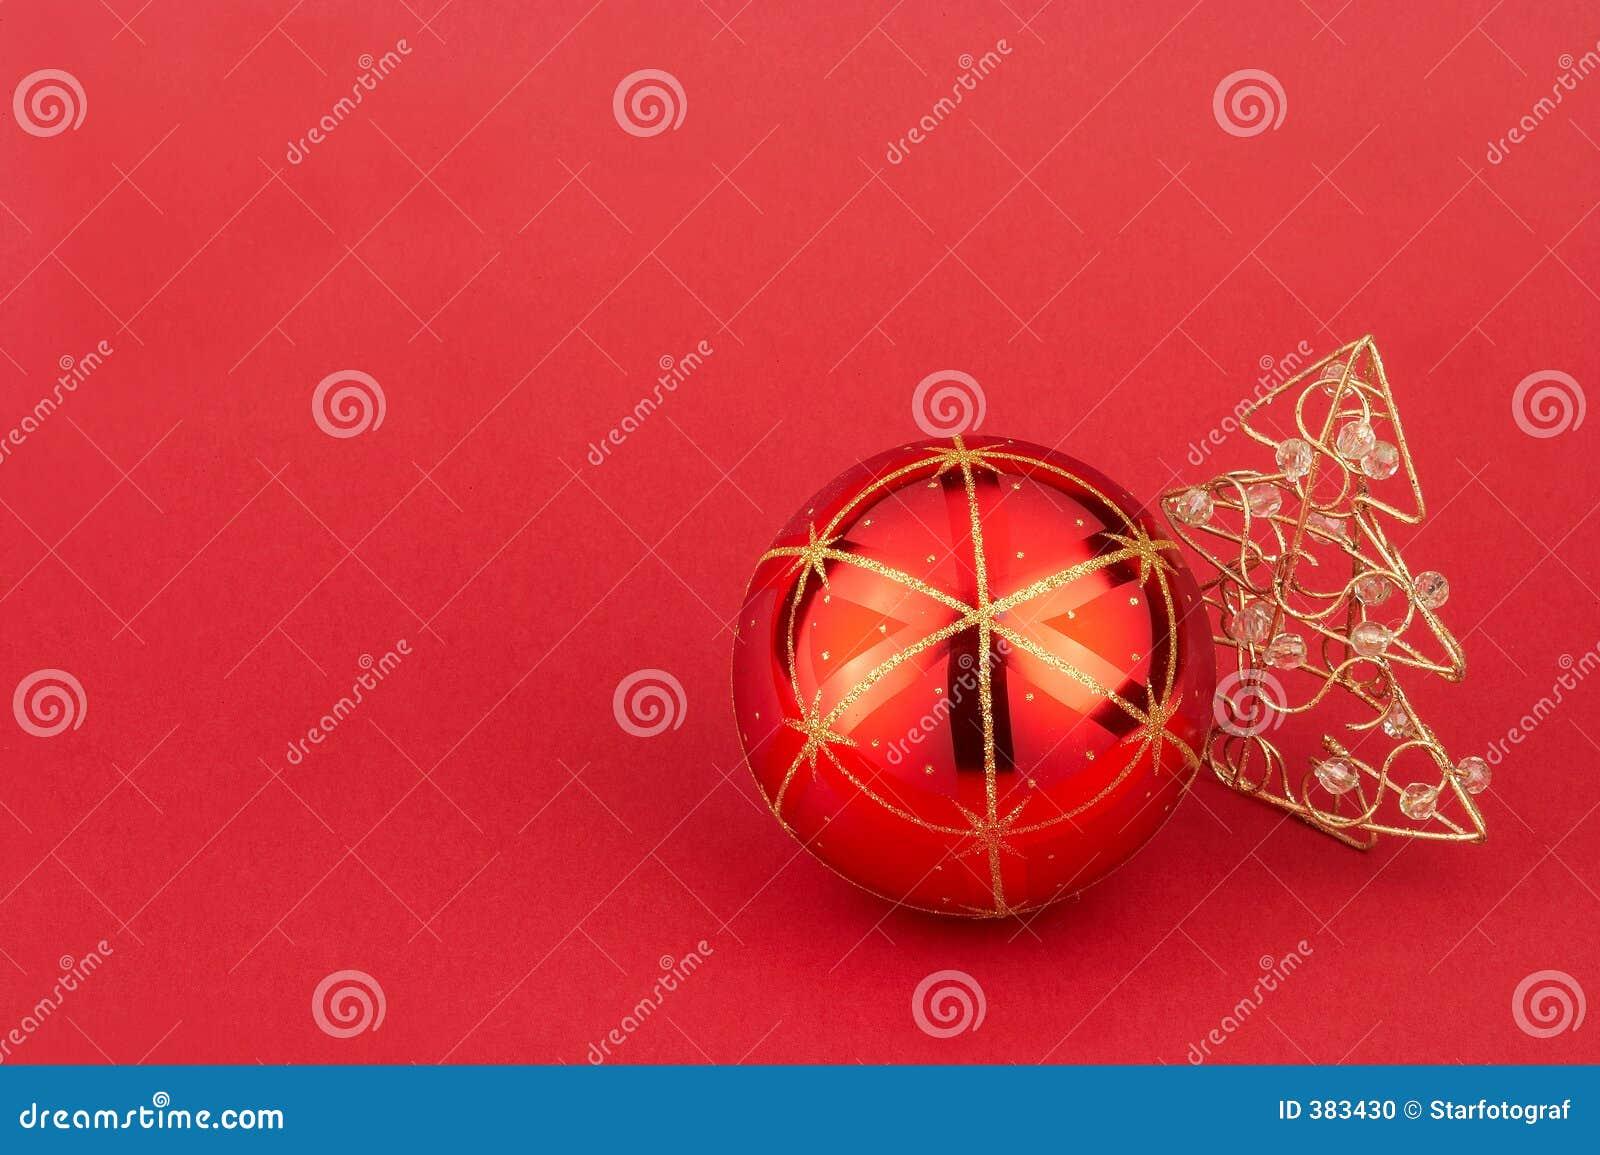 Esfera da árvore de Natal e árvore de Natal vermelhas - Weihnachtskuge rote